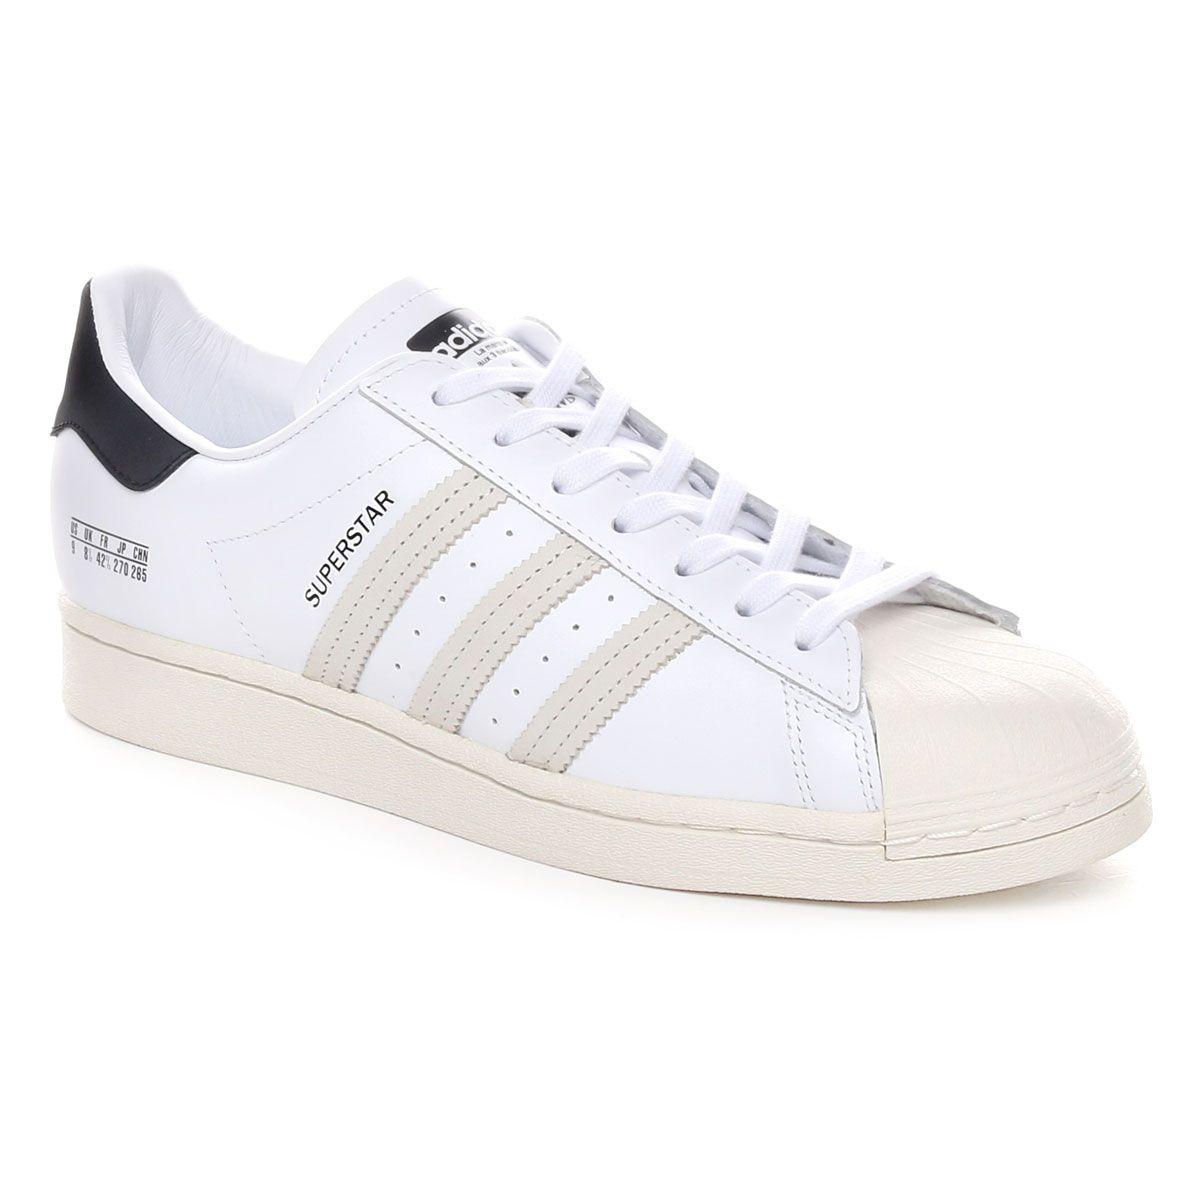 Adidas Originals Superstar Signature Uomo Bianco Nero